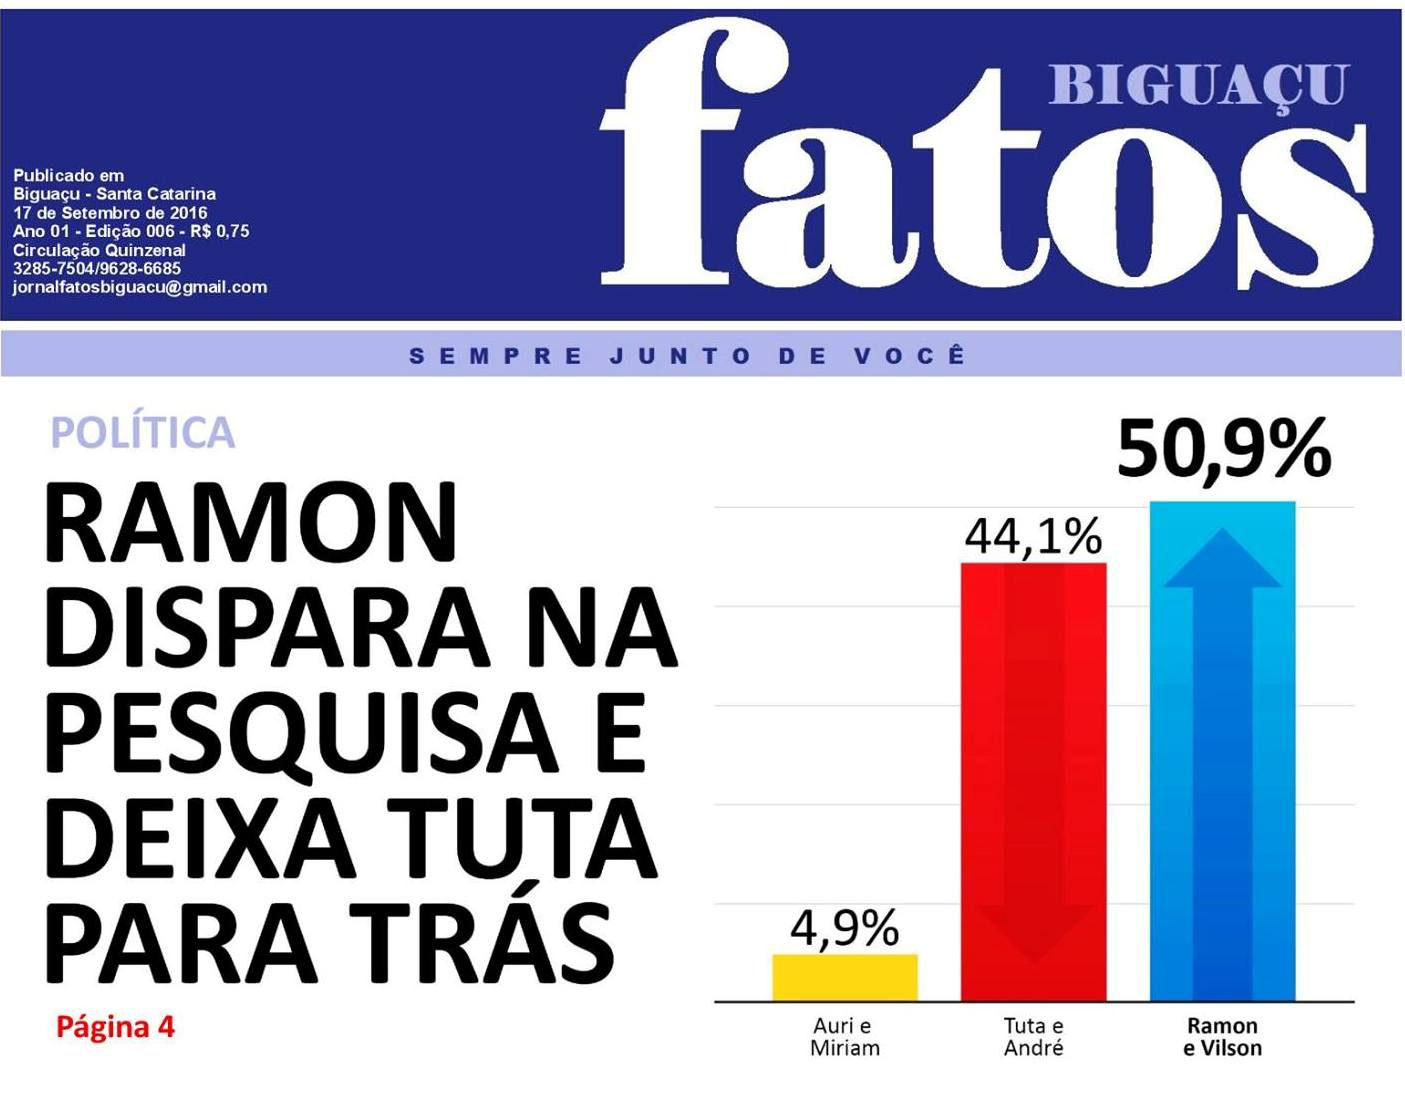 Jornal destaca pesquisa eleitoral em Biguaçu (Imagem: Reprodução)